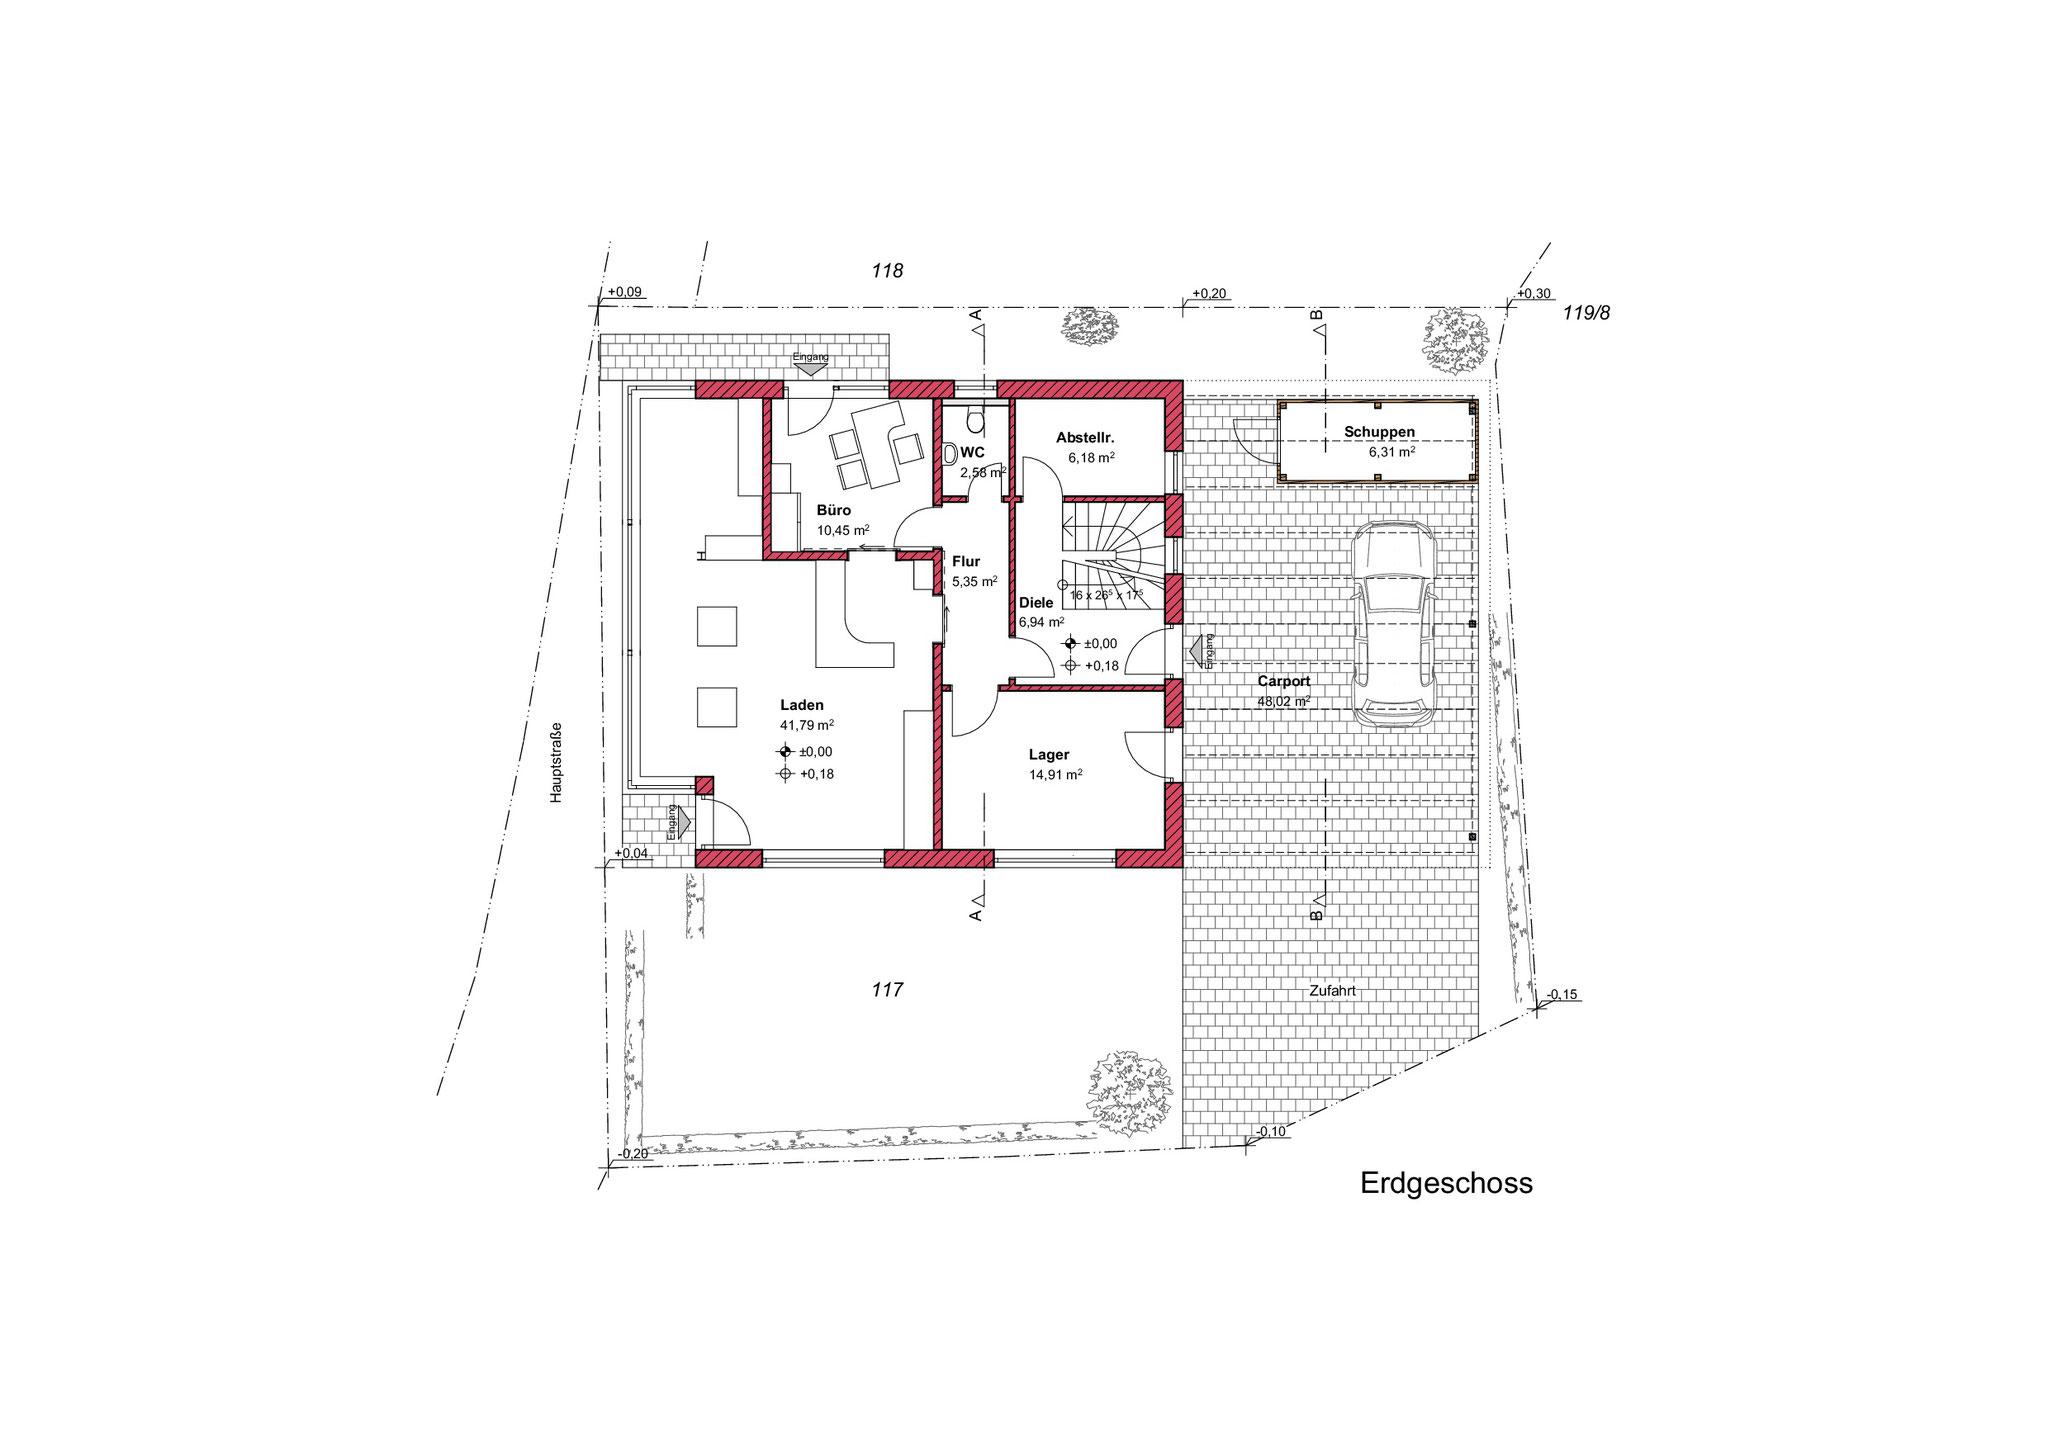 Grundriss, Erdgeschoss, Einfamilienhaus mit Geschäftsbereich in Lindenberg